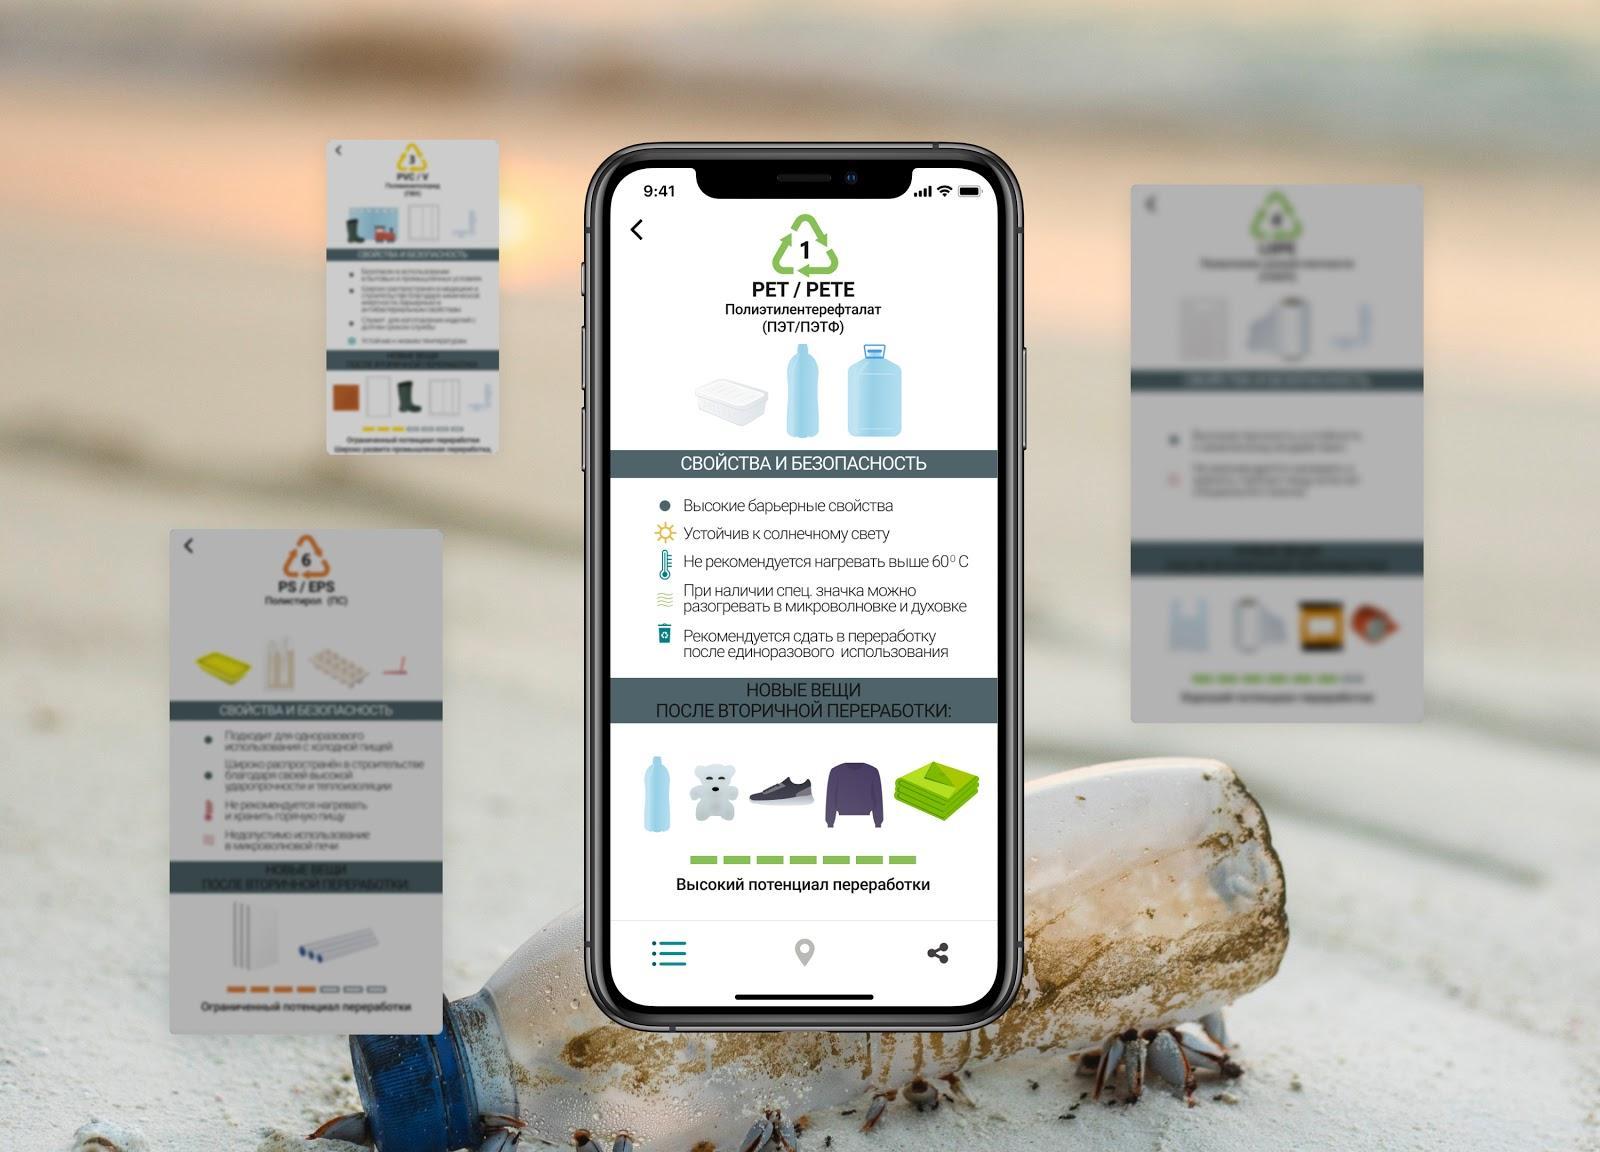 Как устроено приложение Пропластик - каталог всех маркировок пластика от 1 до 7